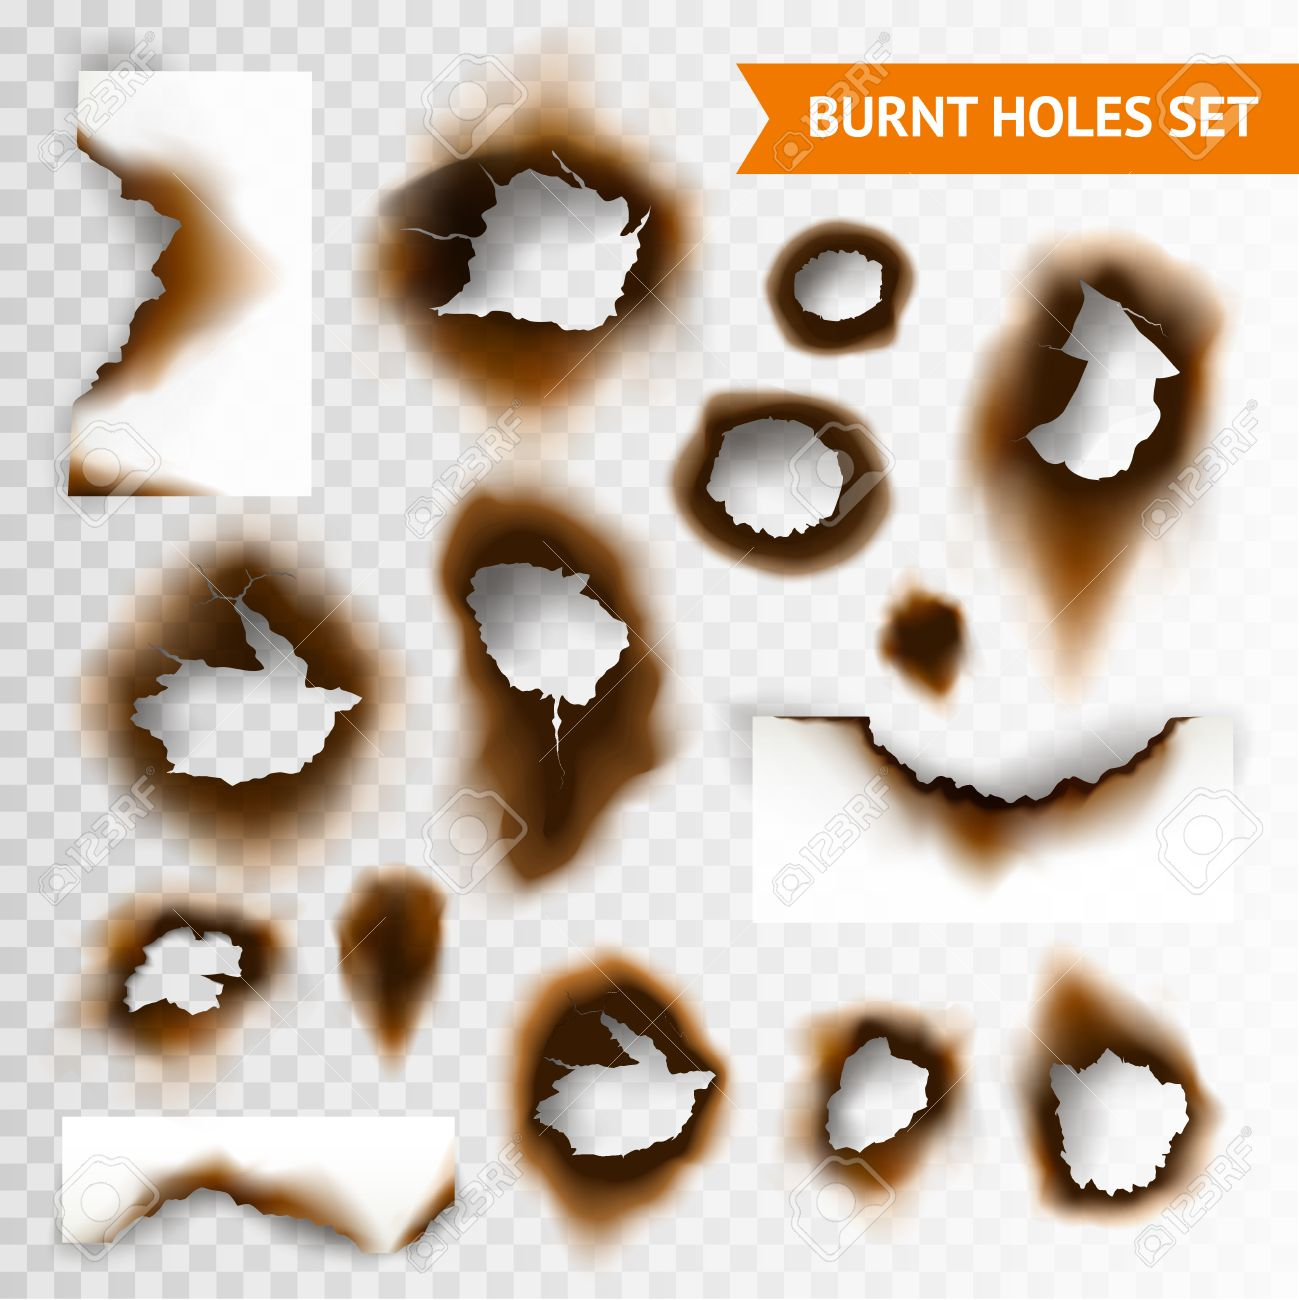 紙と分離した透明な背景のベクトル図の焦げた穴の焦げた部分のセットの